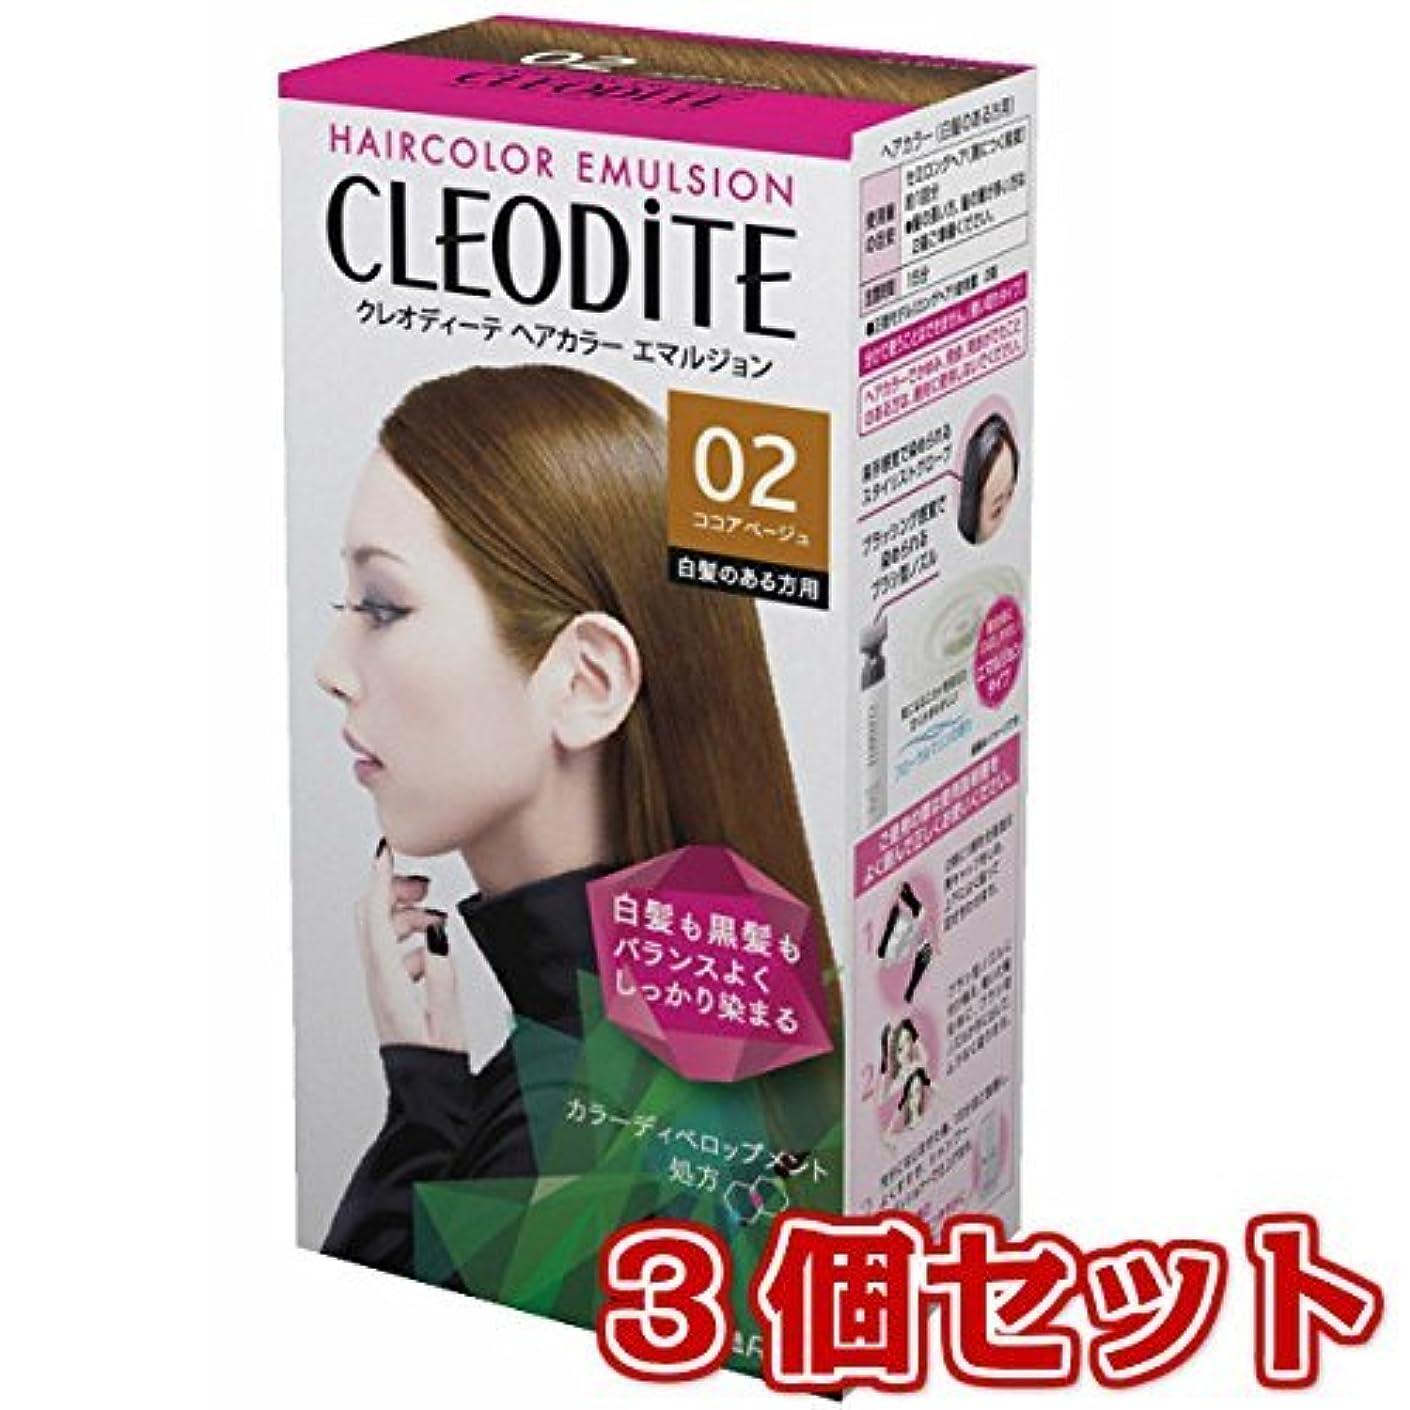 【3個セット】 クレオディーテ ヘアカラーエマルジョン(白髪のある方用)02<ココアベージュ> 医薬部外品